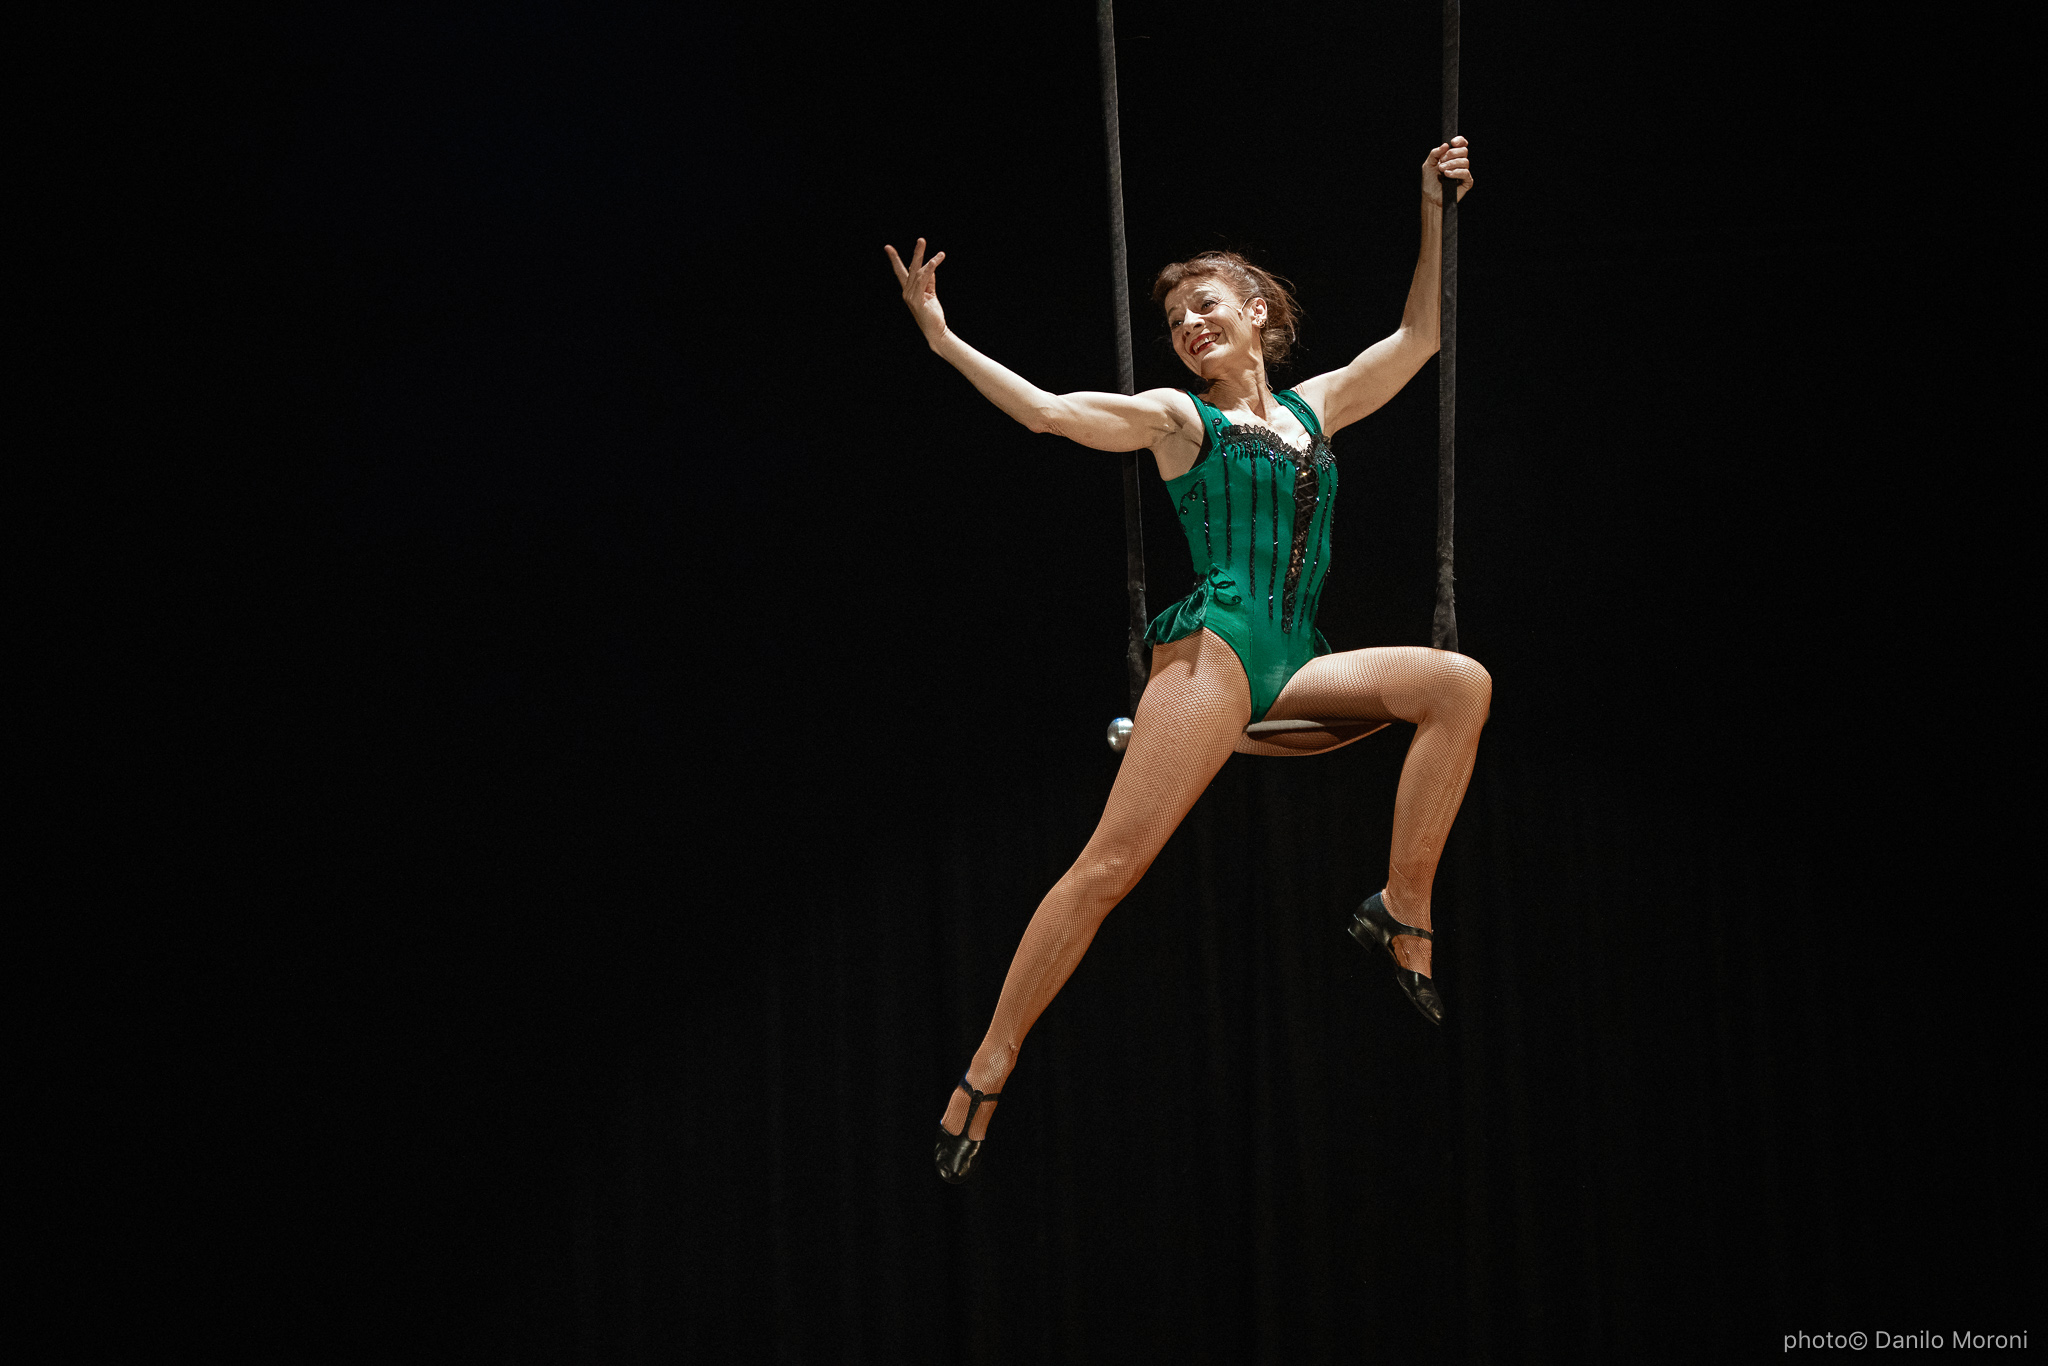 Teatro-en-vilo-Circo-Price-Miss-Mara-photo-Danilo-Moroni-123.jpg